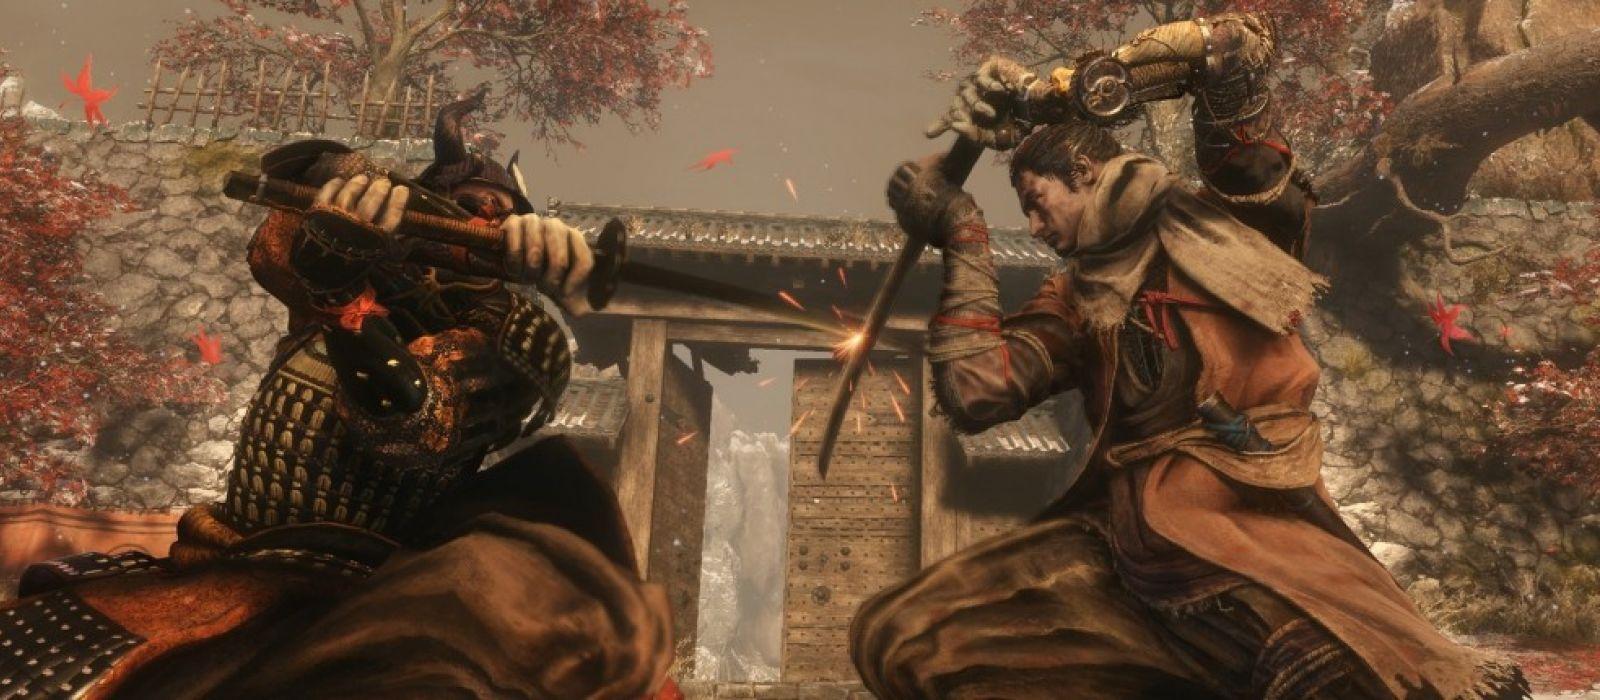 Концовки в Sekiro: Shadows Die Twice - Как получить все 4 концовки?